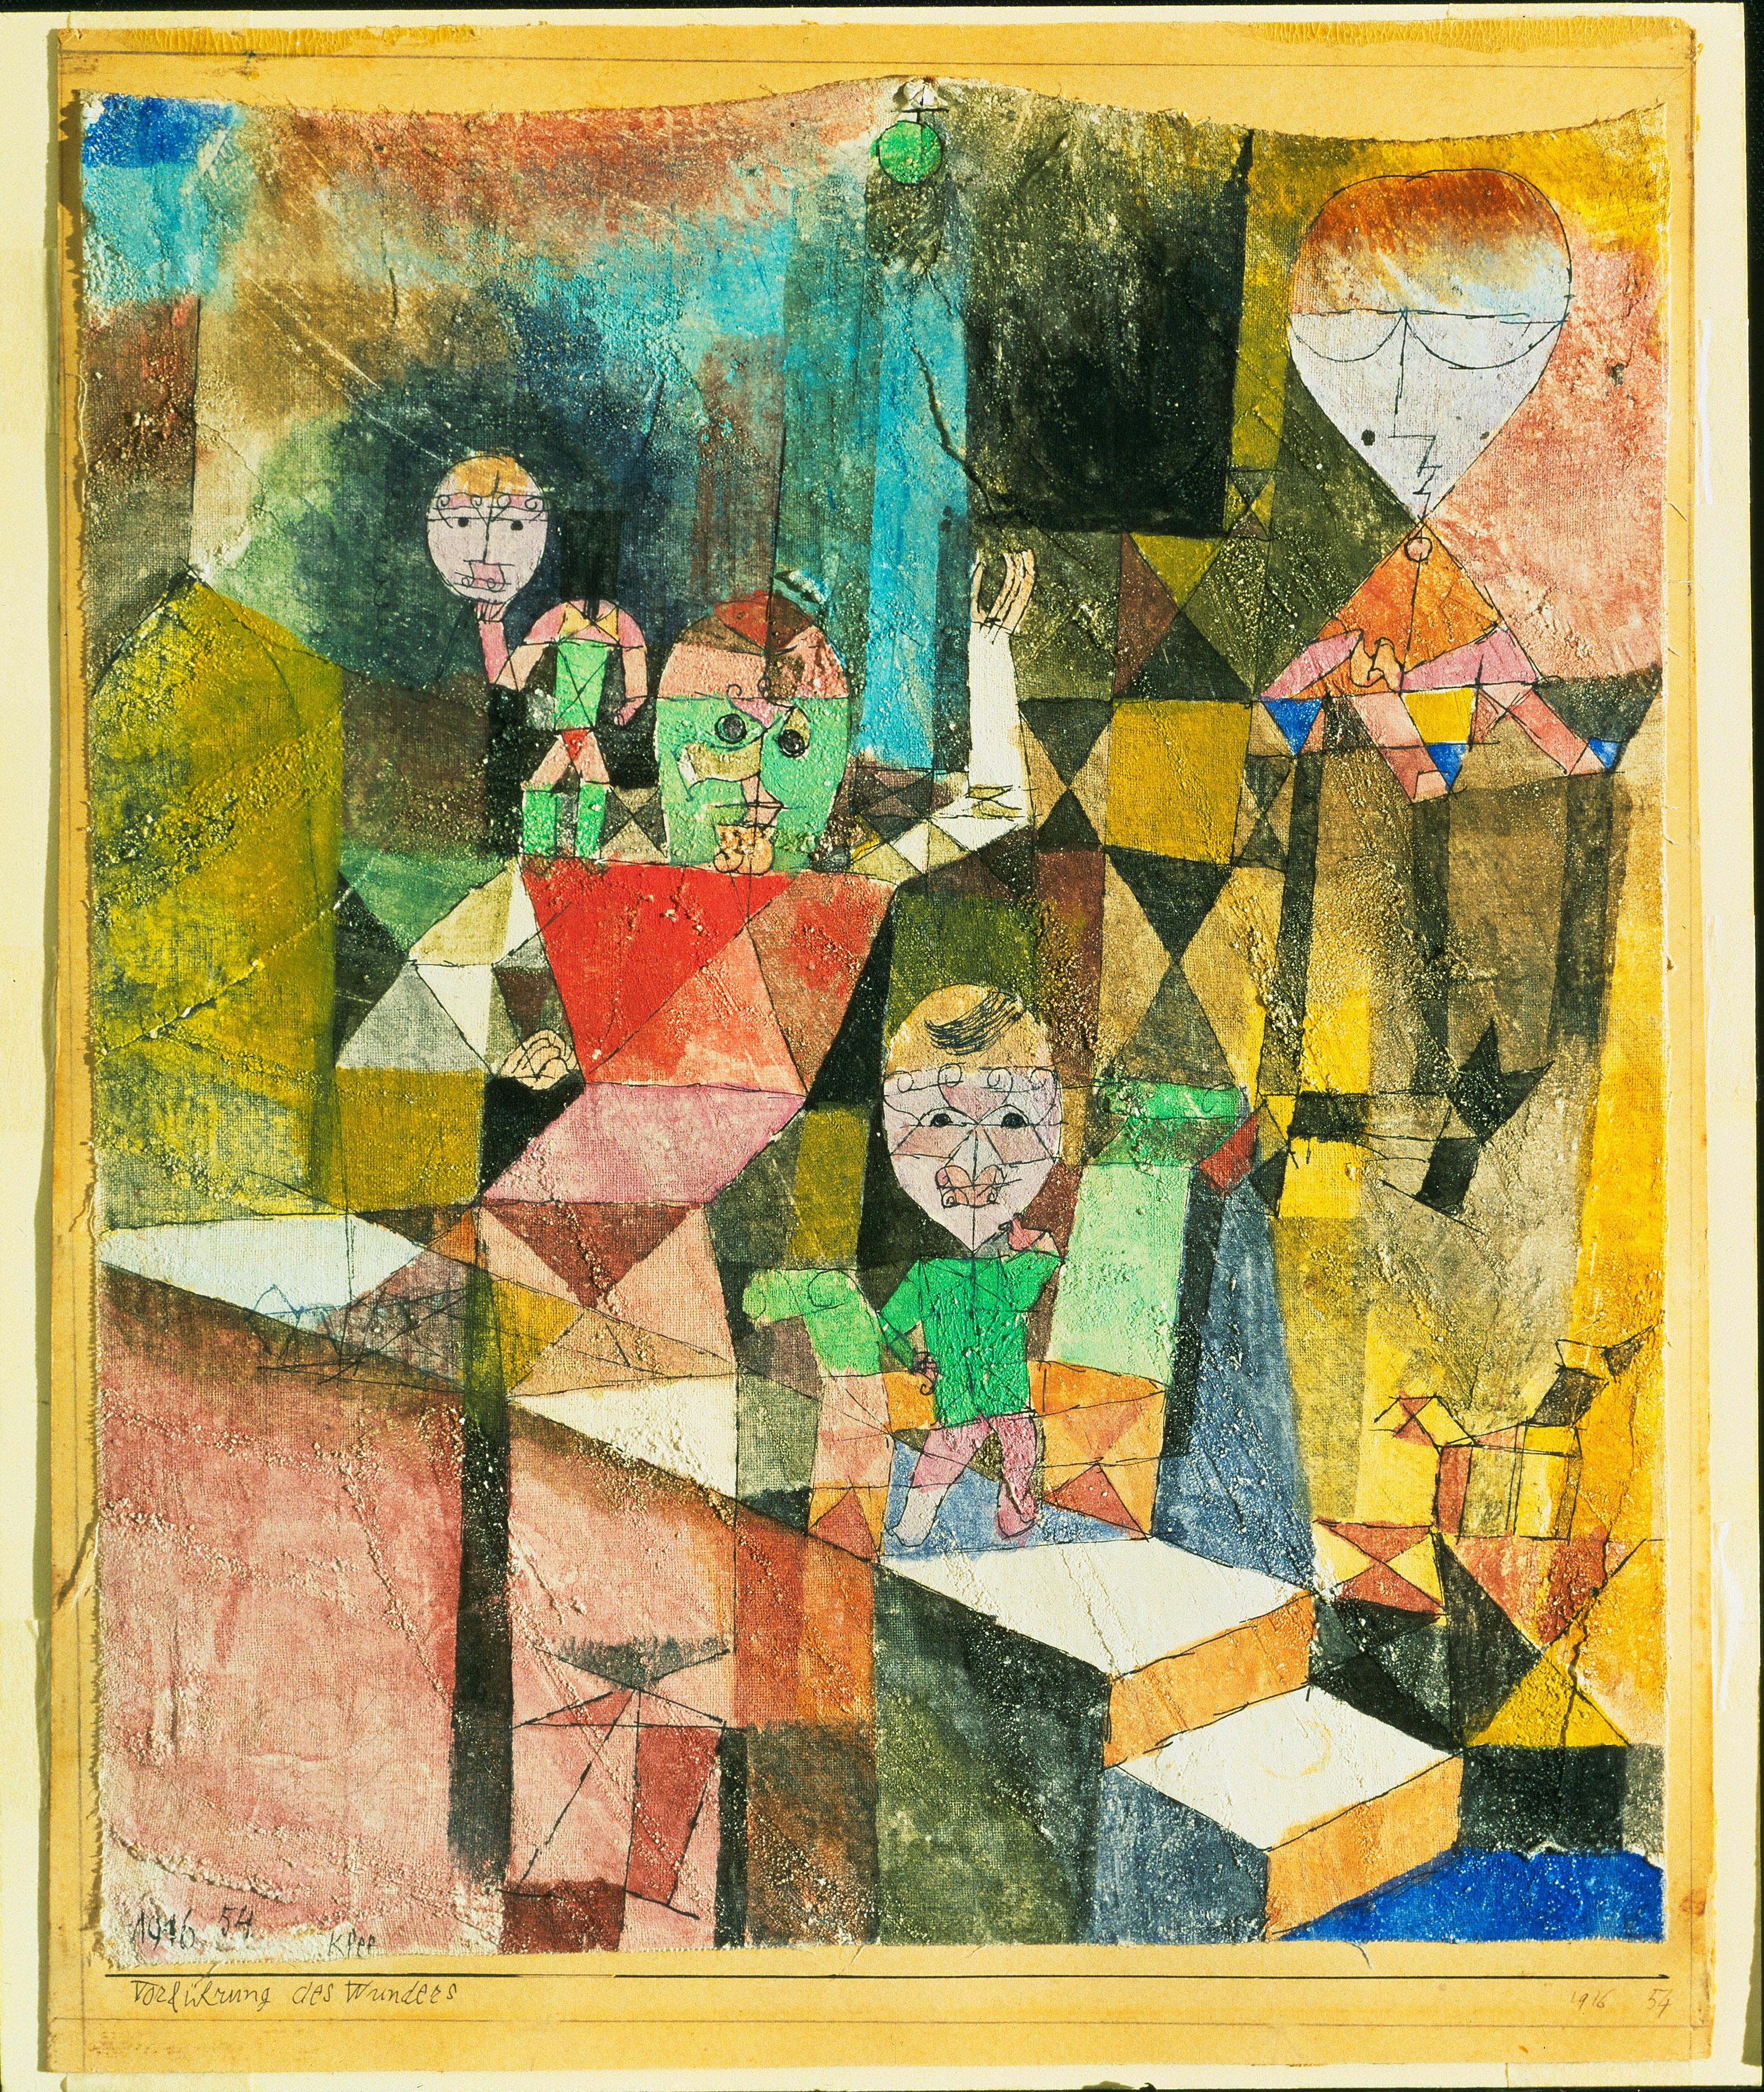 """""""Paul Klee : l'ironie à l'oeuvre"""" : un événement exceptionnel - Toutelaculture"""